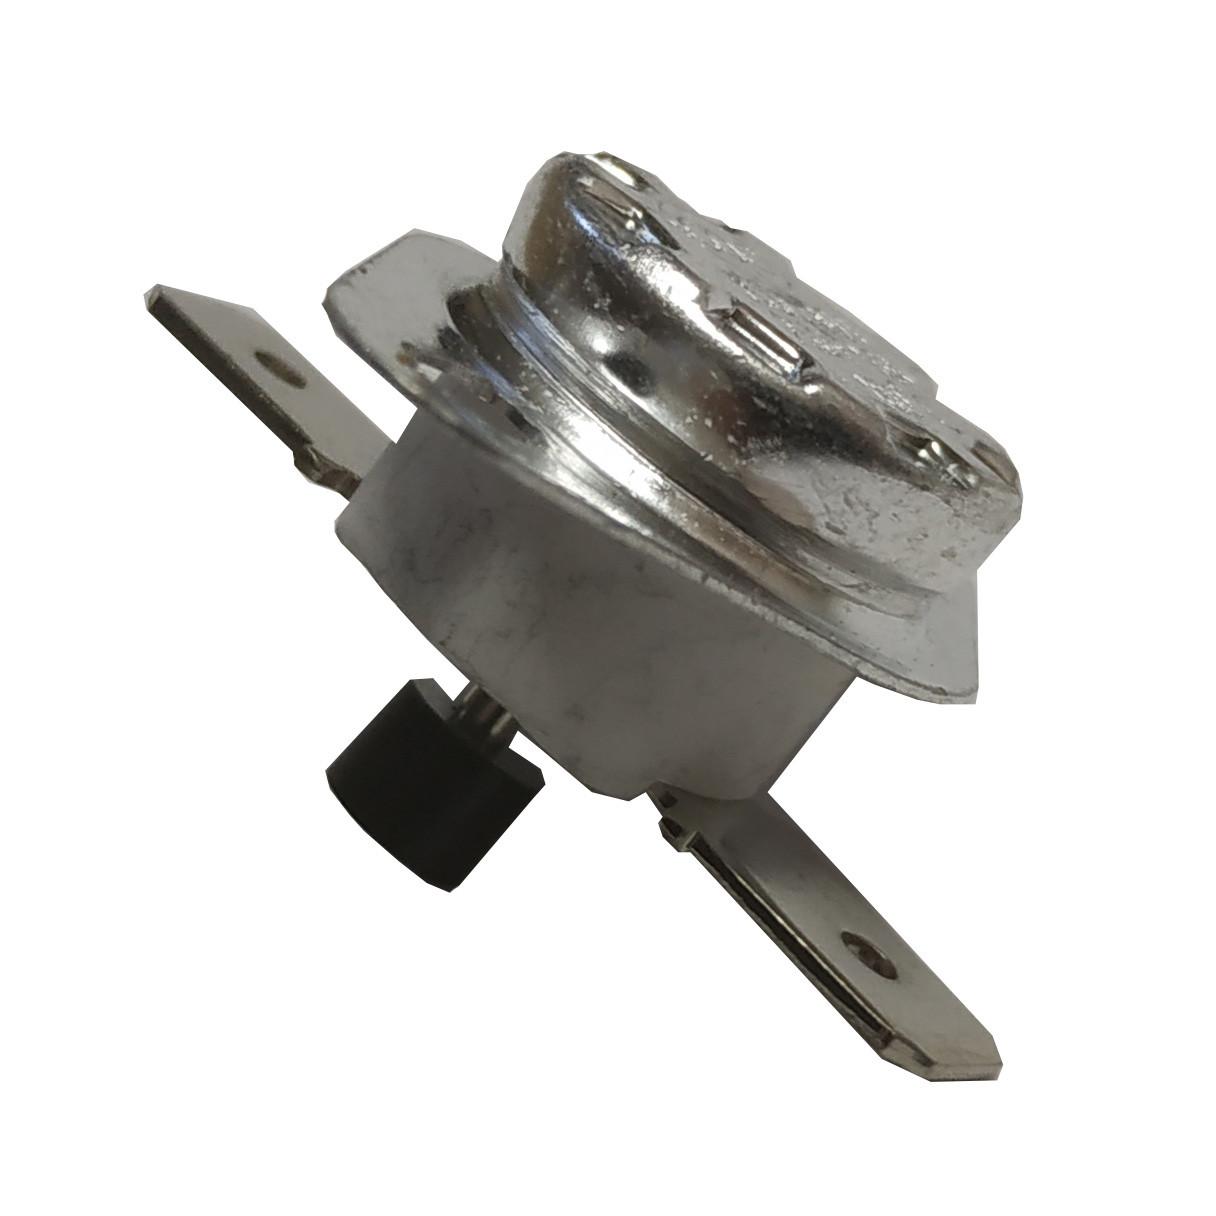 Термостат отсекатель аварийный защитный KSD 303 (КСД) на 65°С 10А с ручной активацией